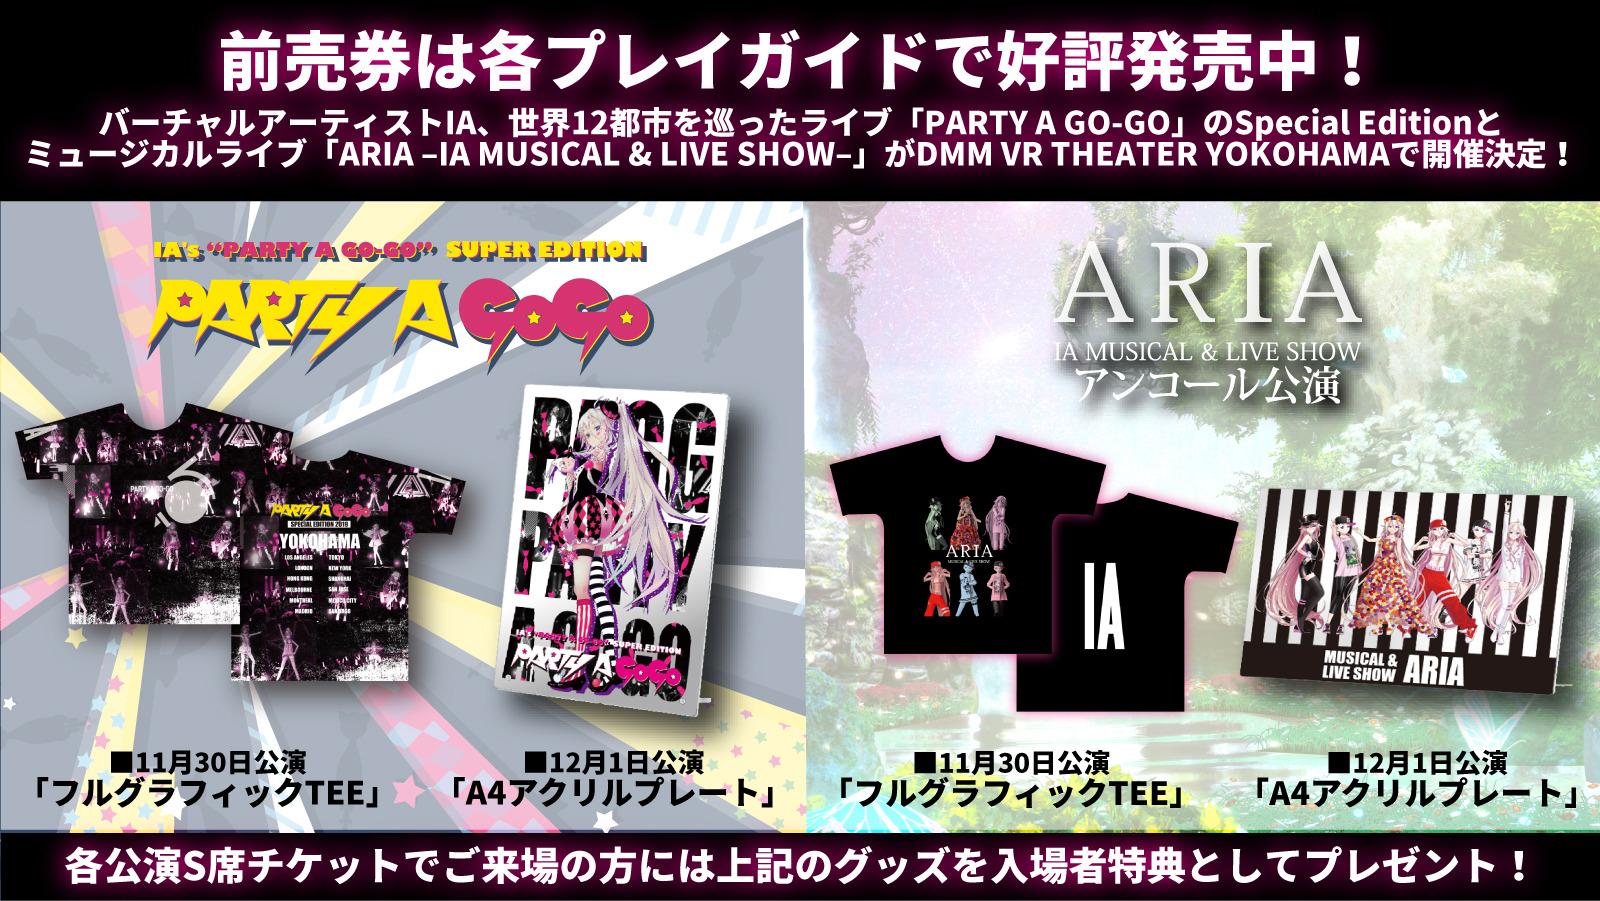 IA のワンマンライブ「PARTY A GO-GO」とミュージカルライブ「ARIA」がDMM VR THEATER YOKOHAMAにて2日間4公演開催!